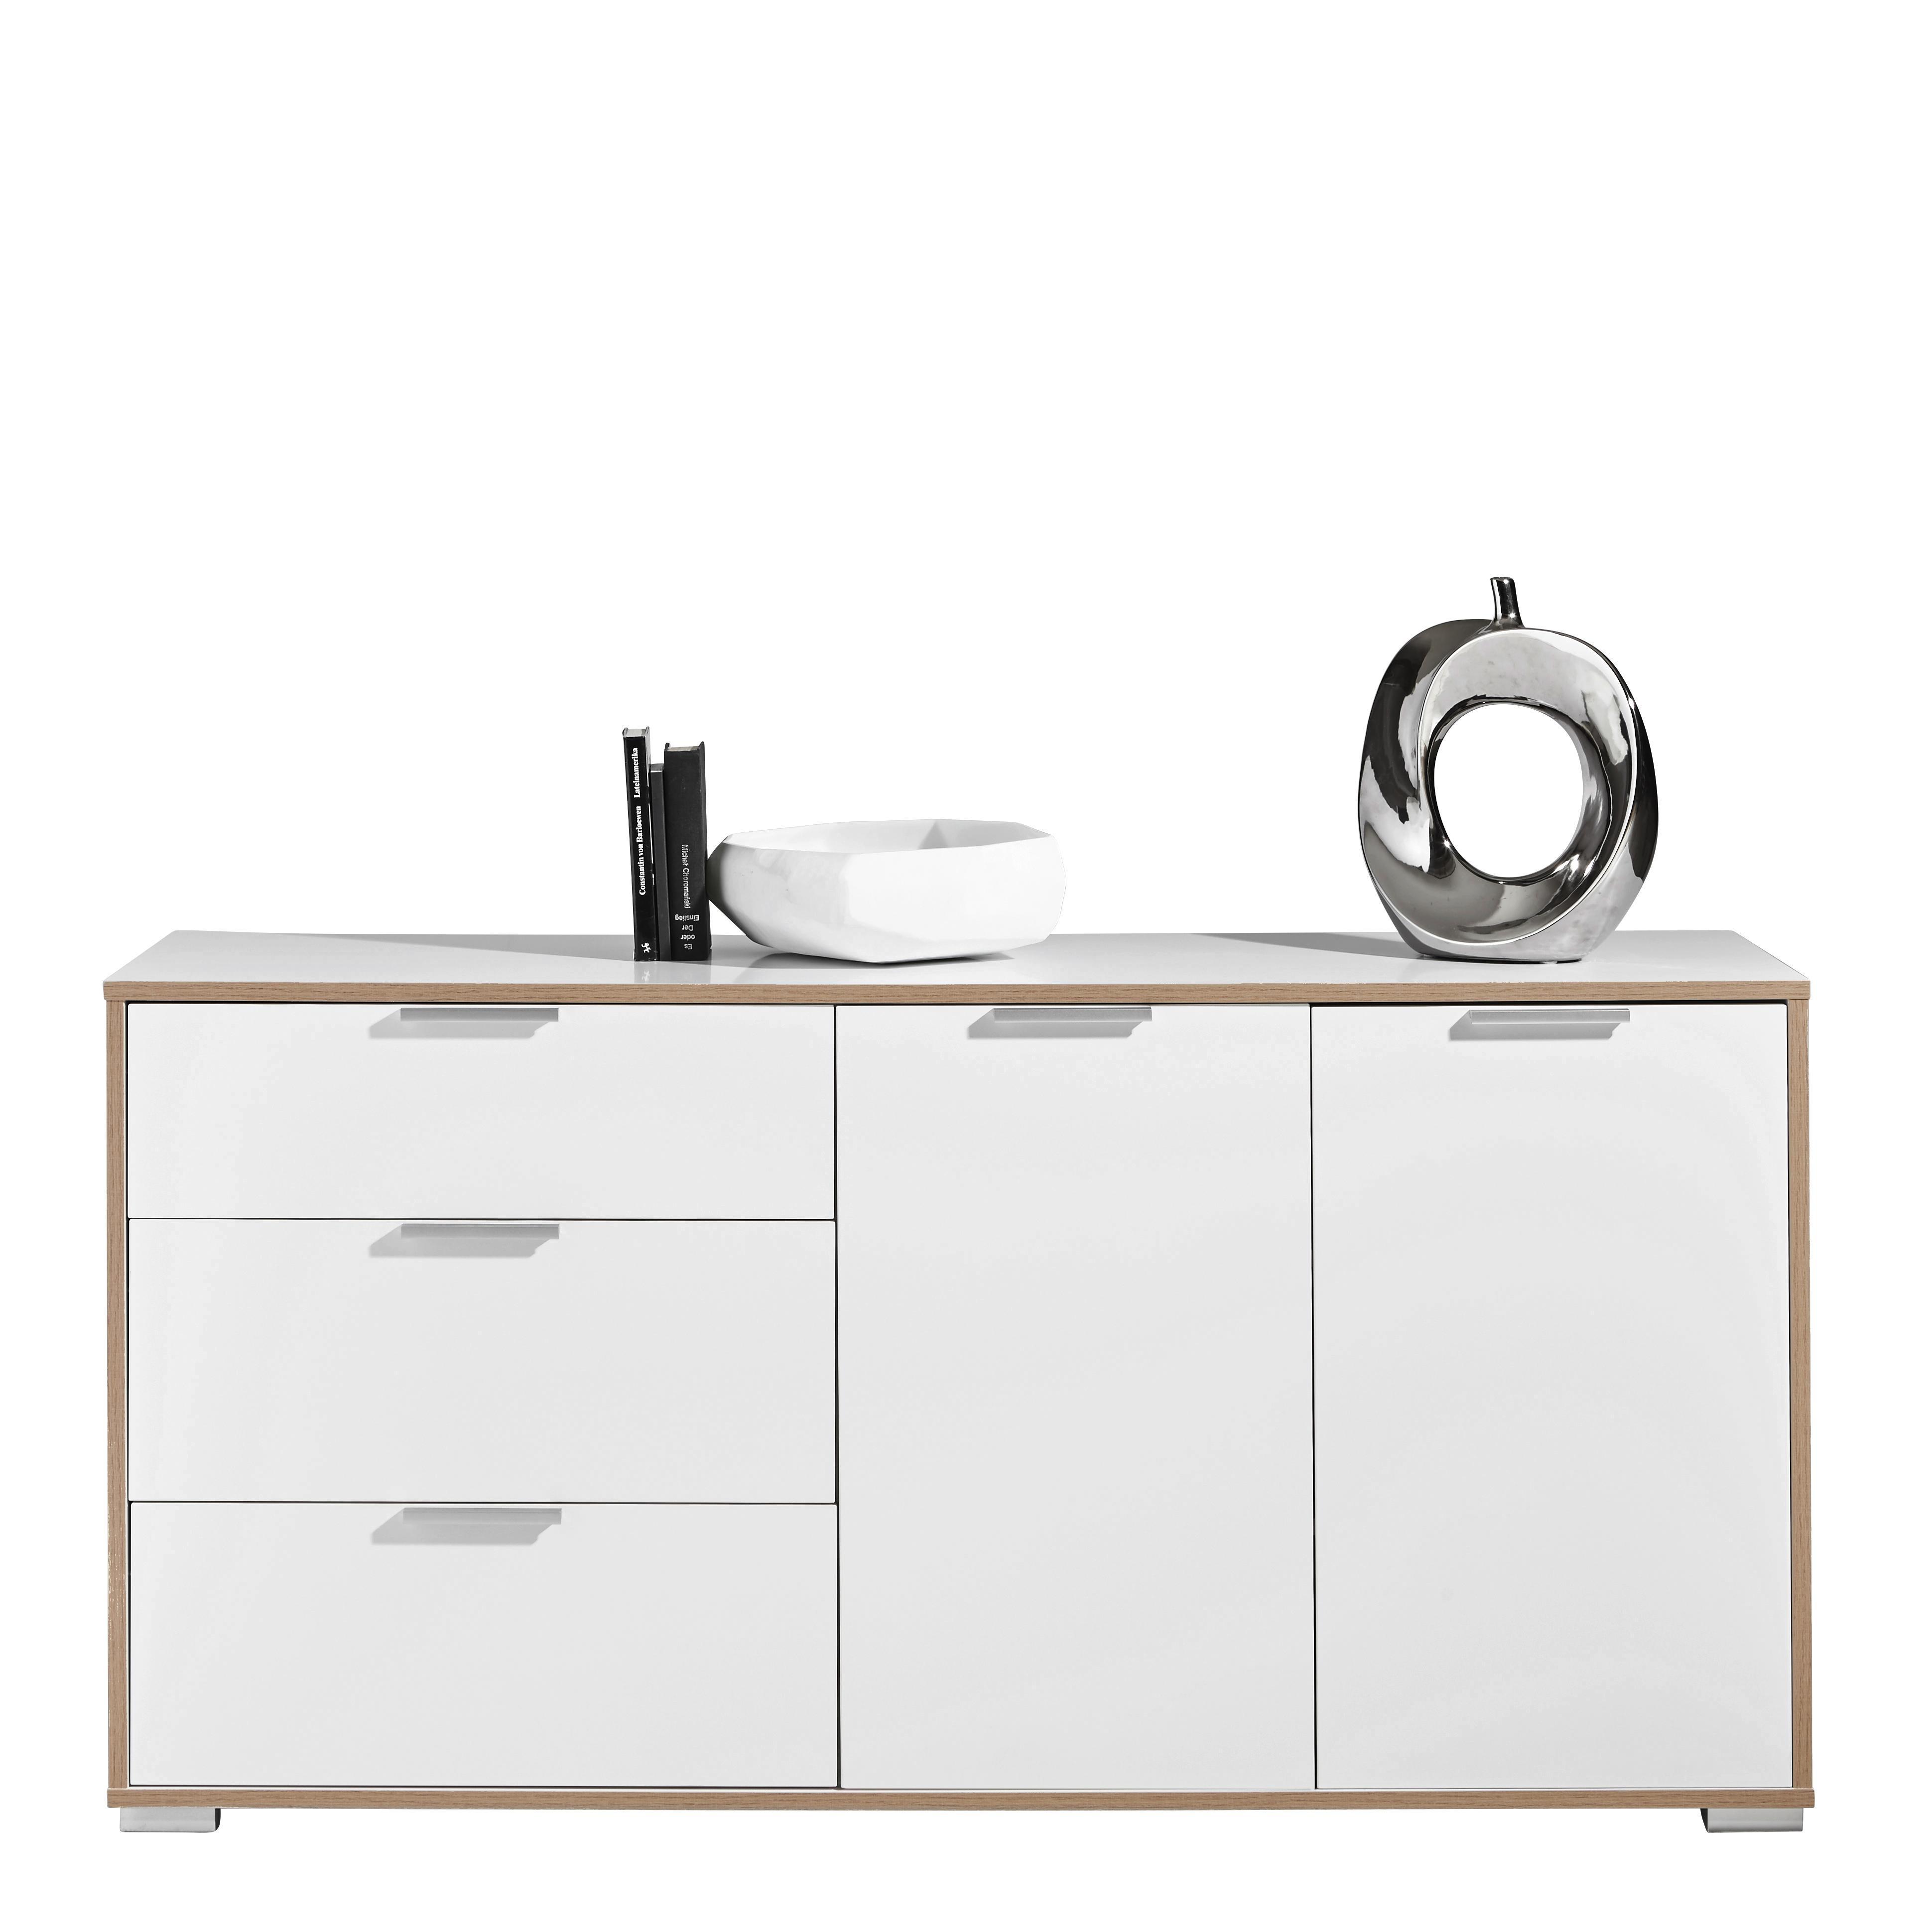 Xxl Schlafzimmer Kommode. Ikea Wohnbeispiele Schlafzimmer